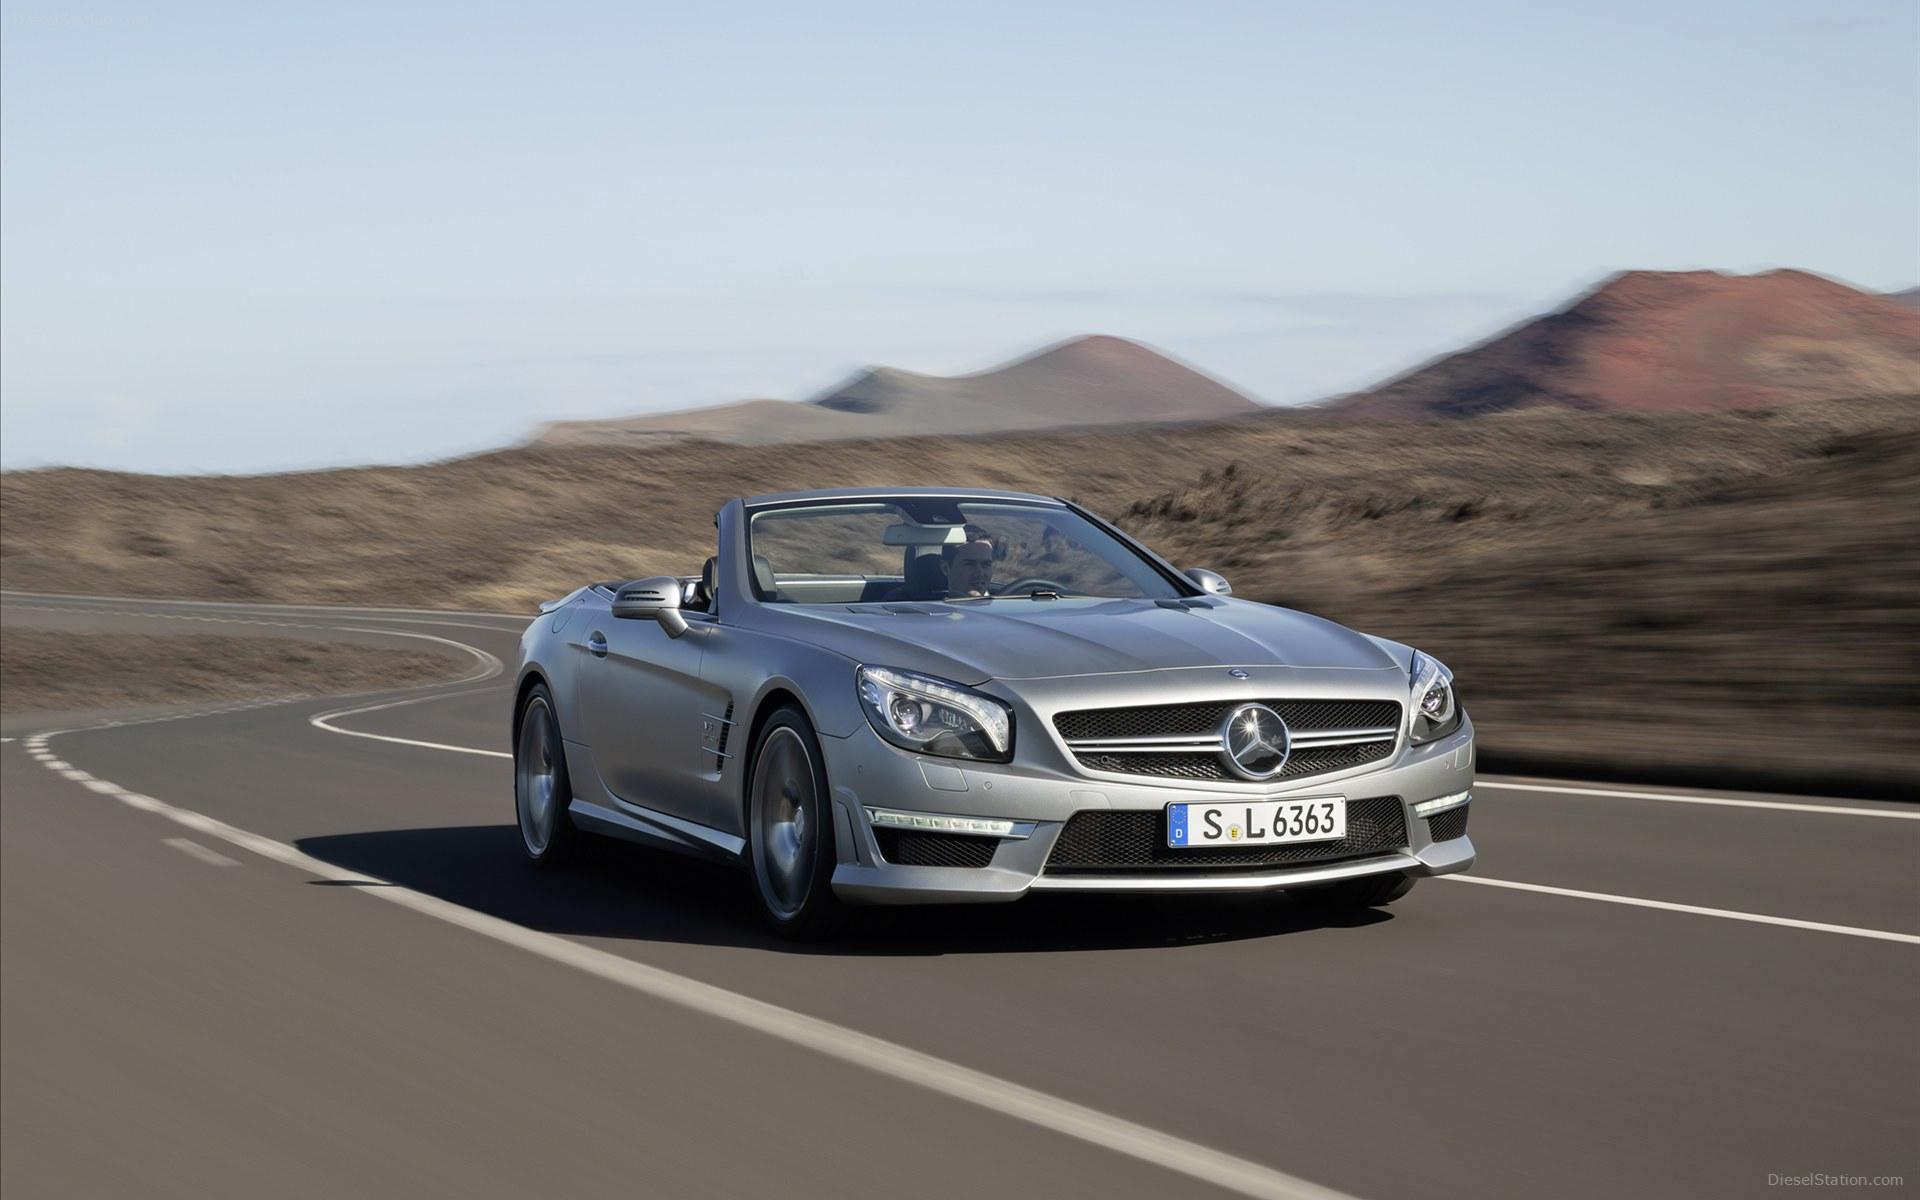 Marvelous Mercedes Benz SL63 AMG3 Idea